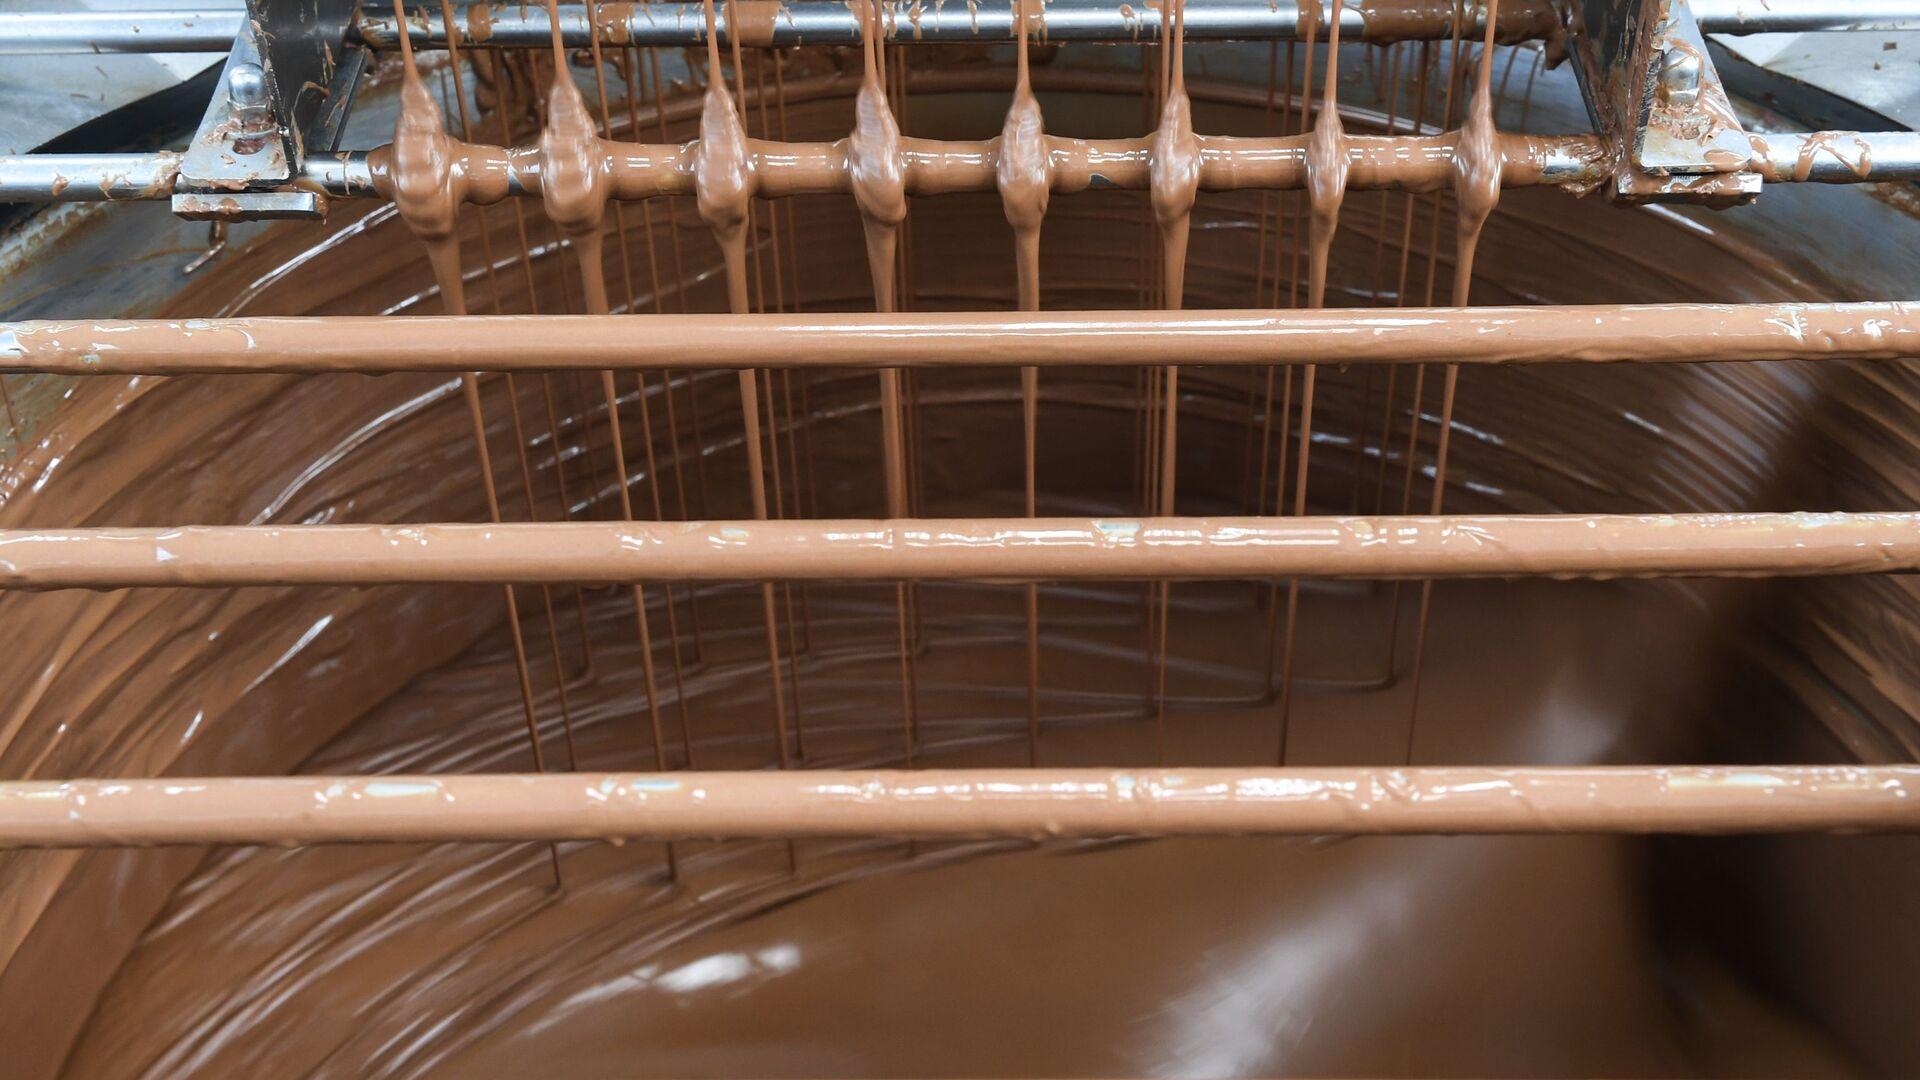 Produzione di cioccolato - Sputnik Italia, 1920, 05.03.2021